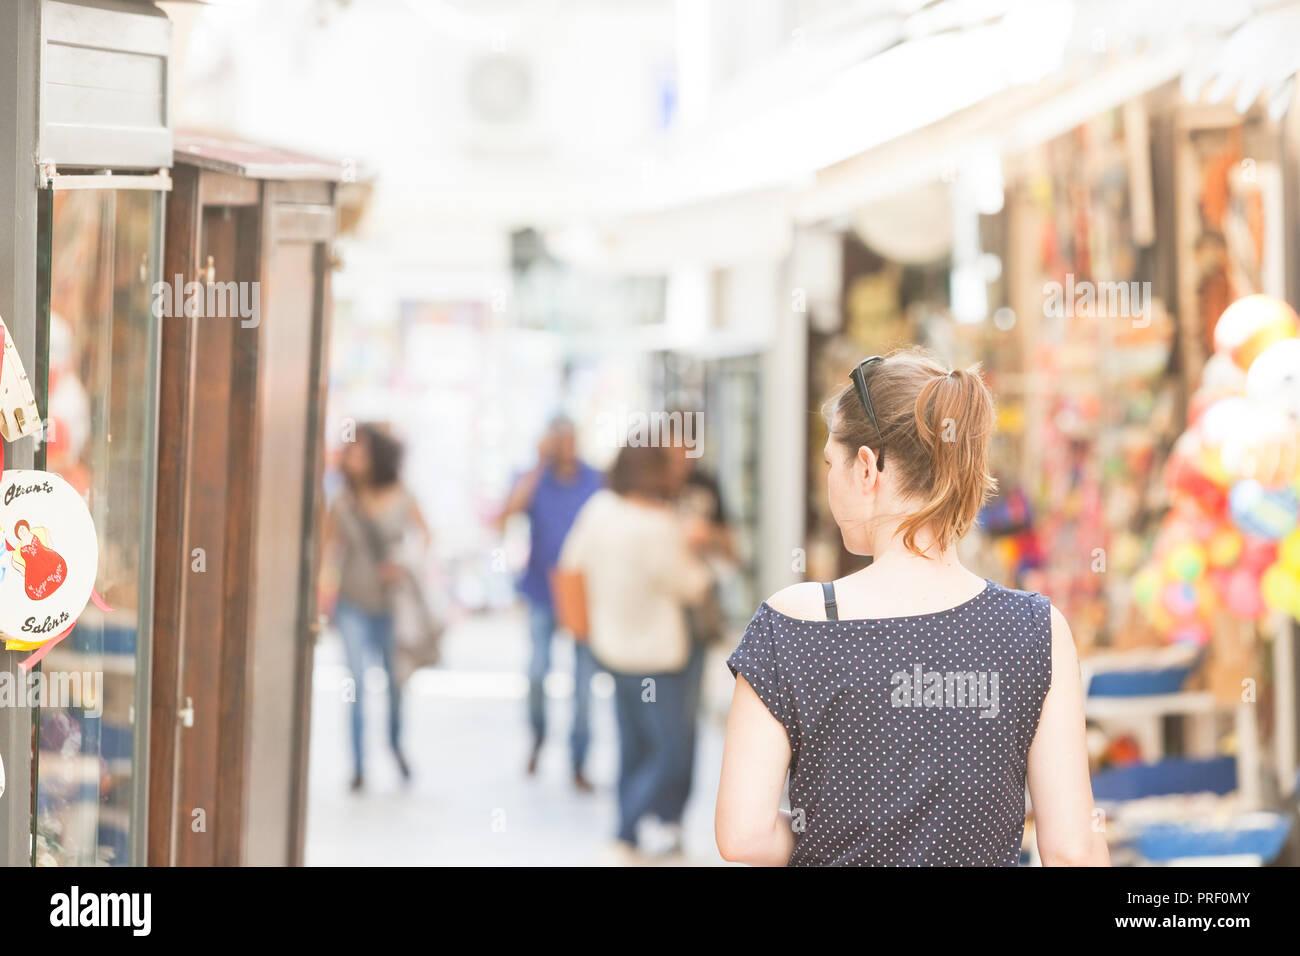 Otranto, Apulien, Italien - eine Frau, die zu Fuß durch die Fußgängerzone von Otranto in Italien Stockfoto